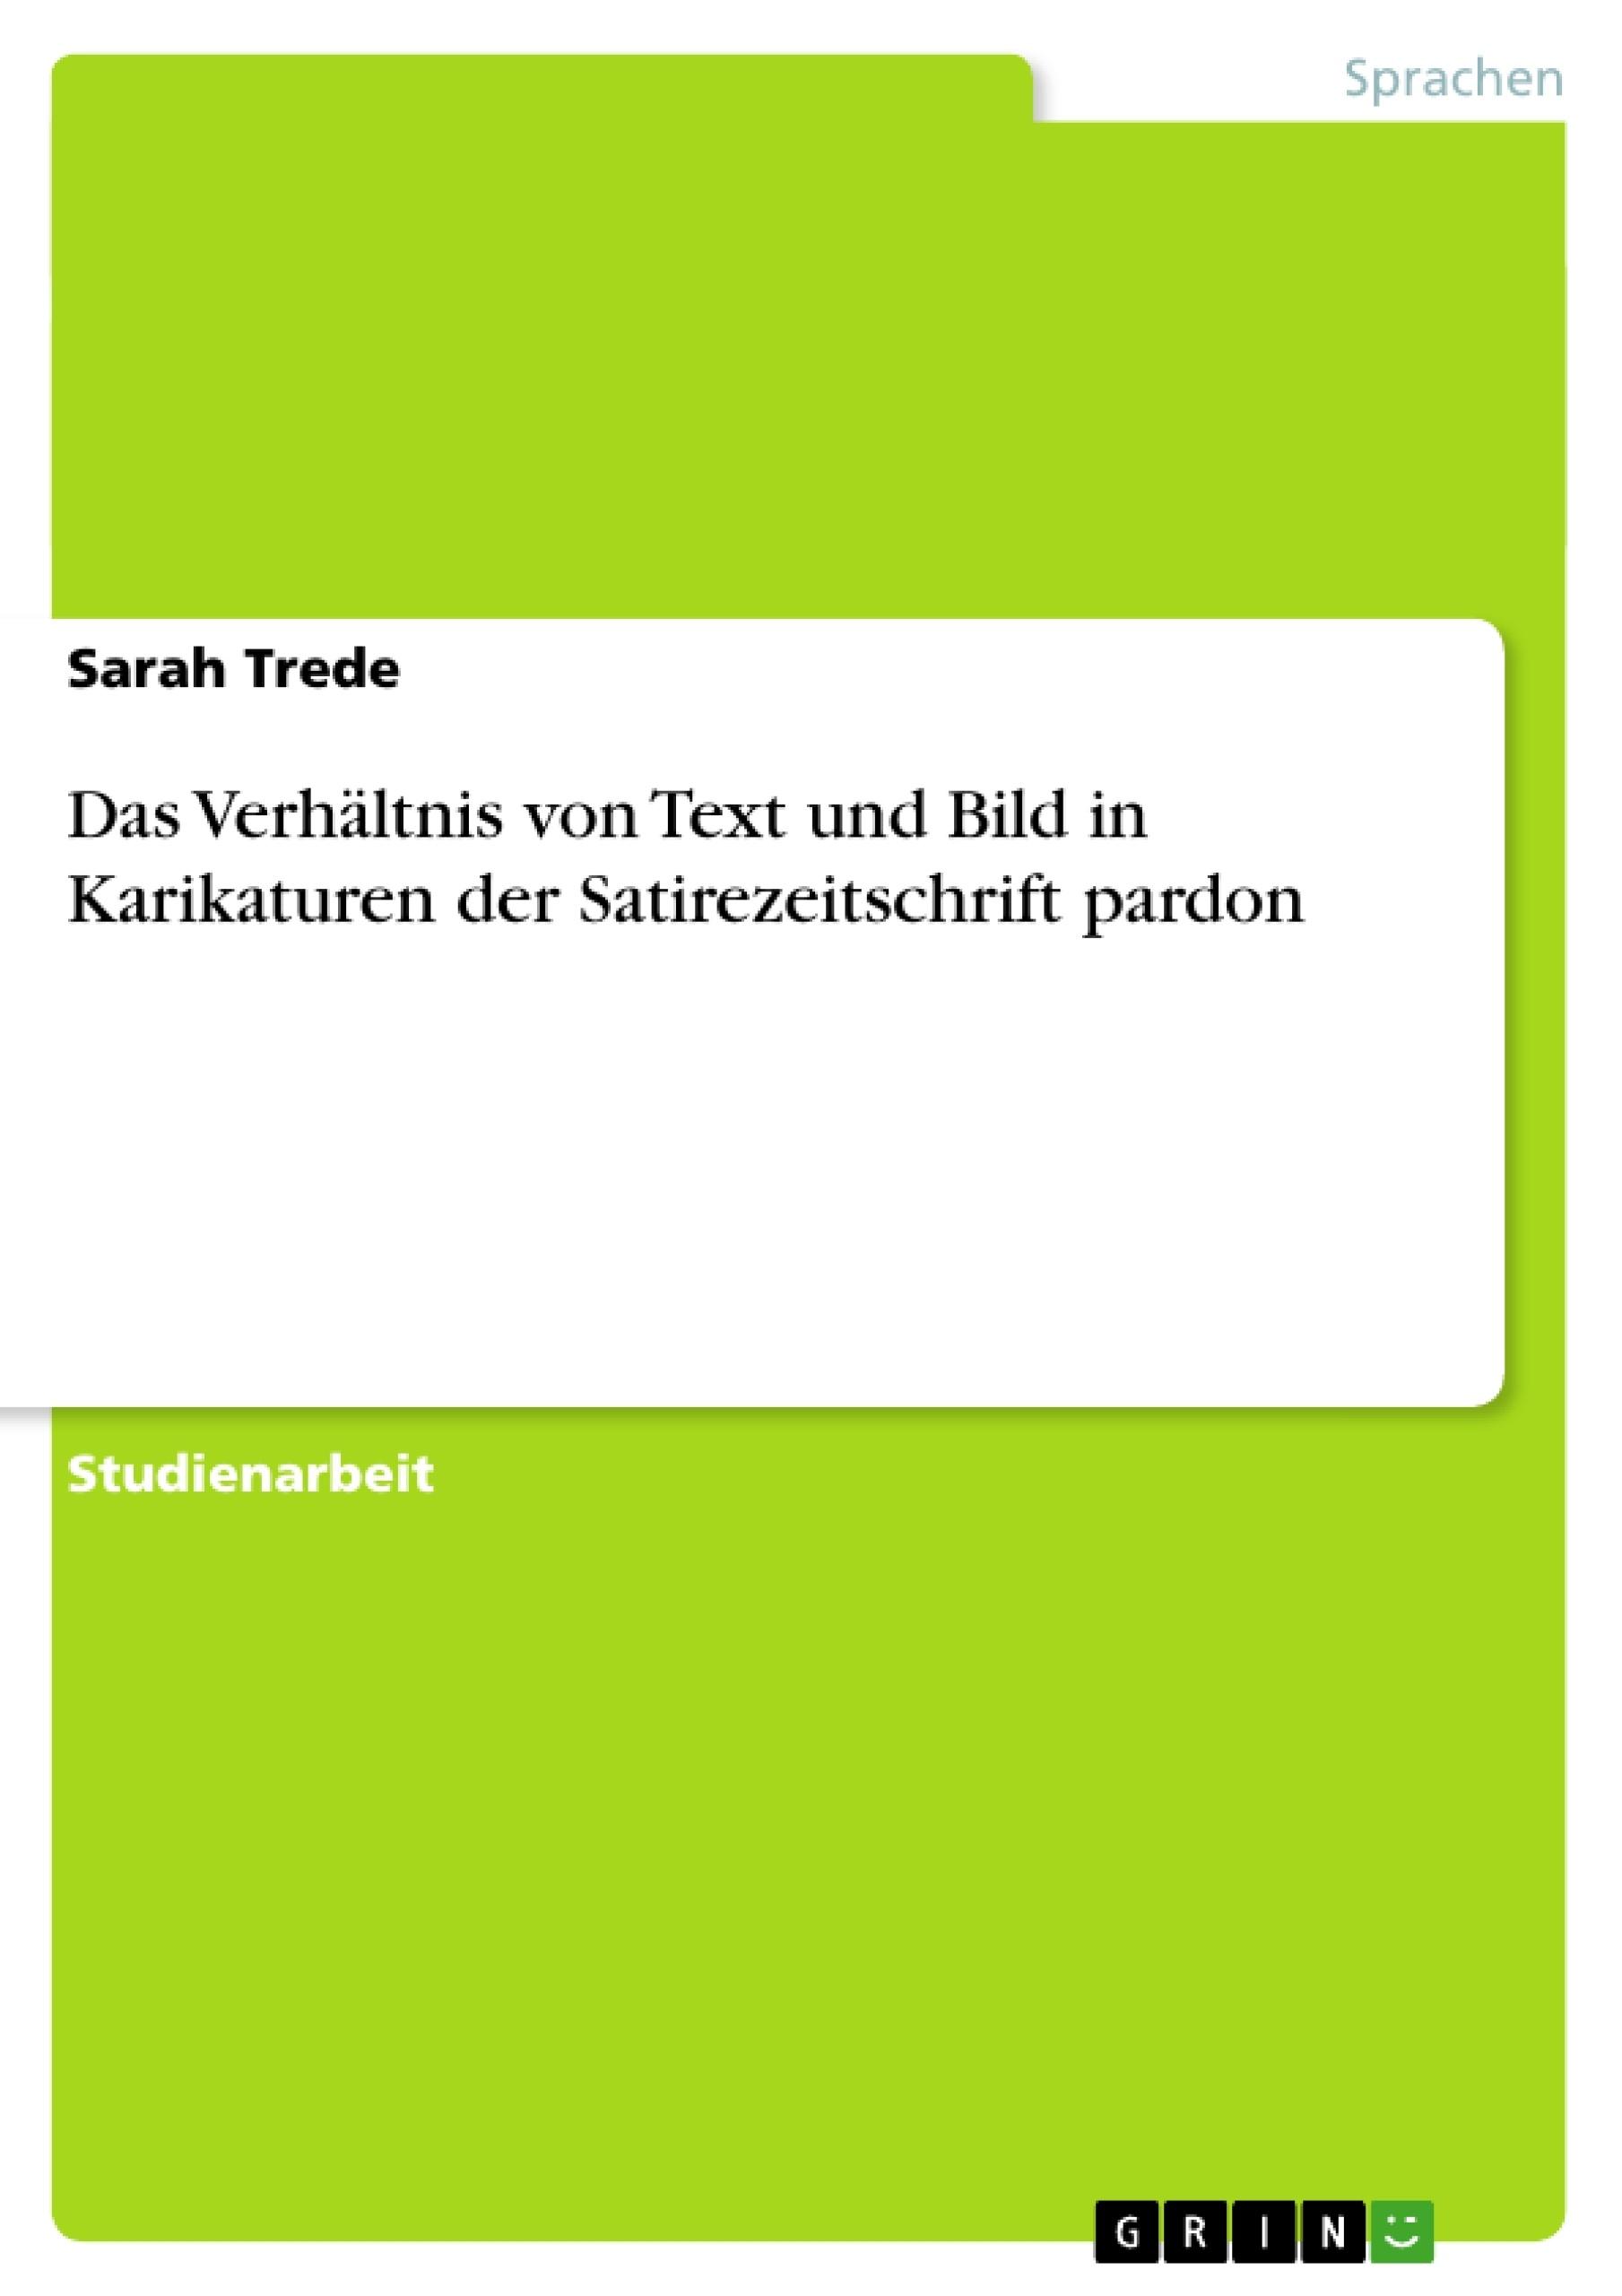 Titel: Das Verhältnis von Text und Bild in Karikaturen der Satirezeitschrift pardon